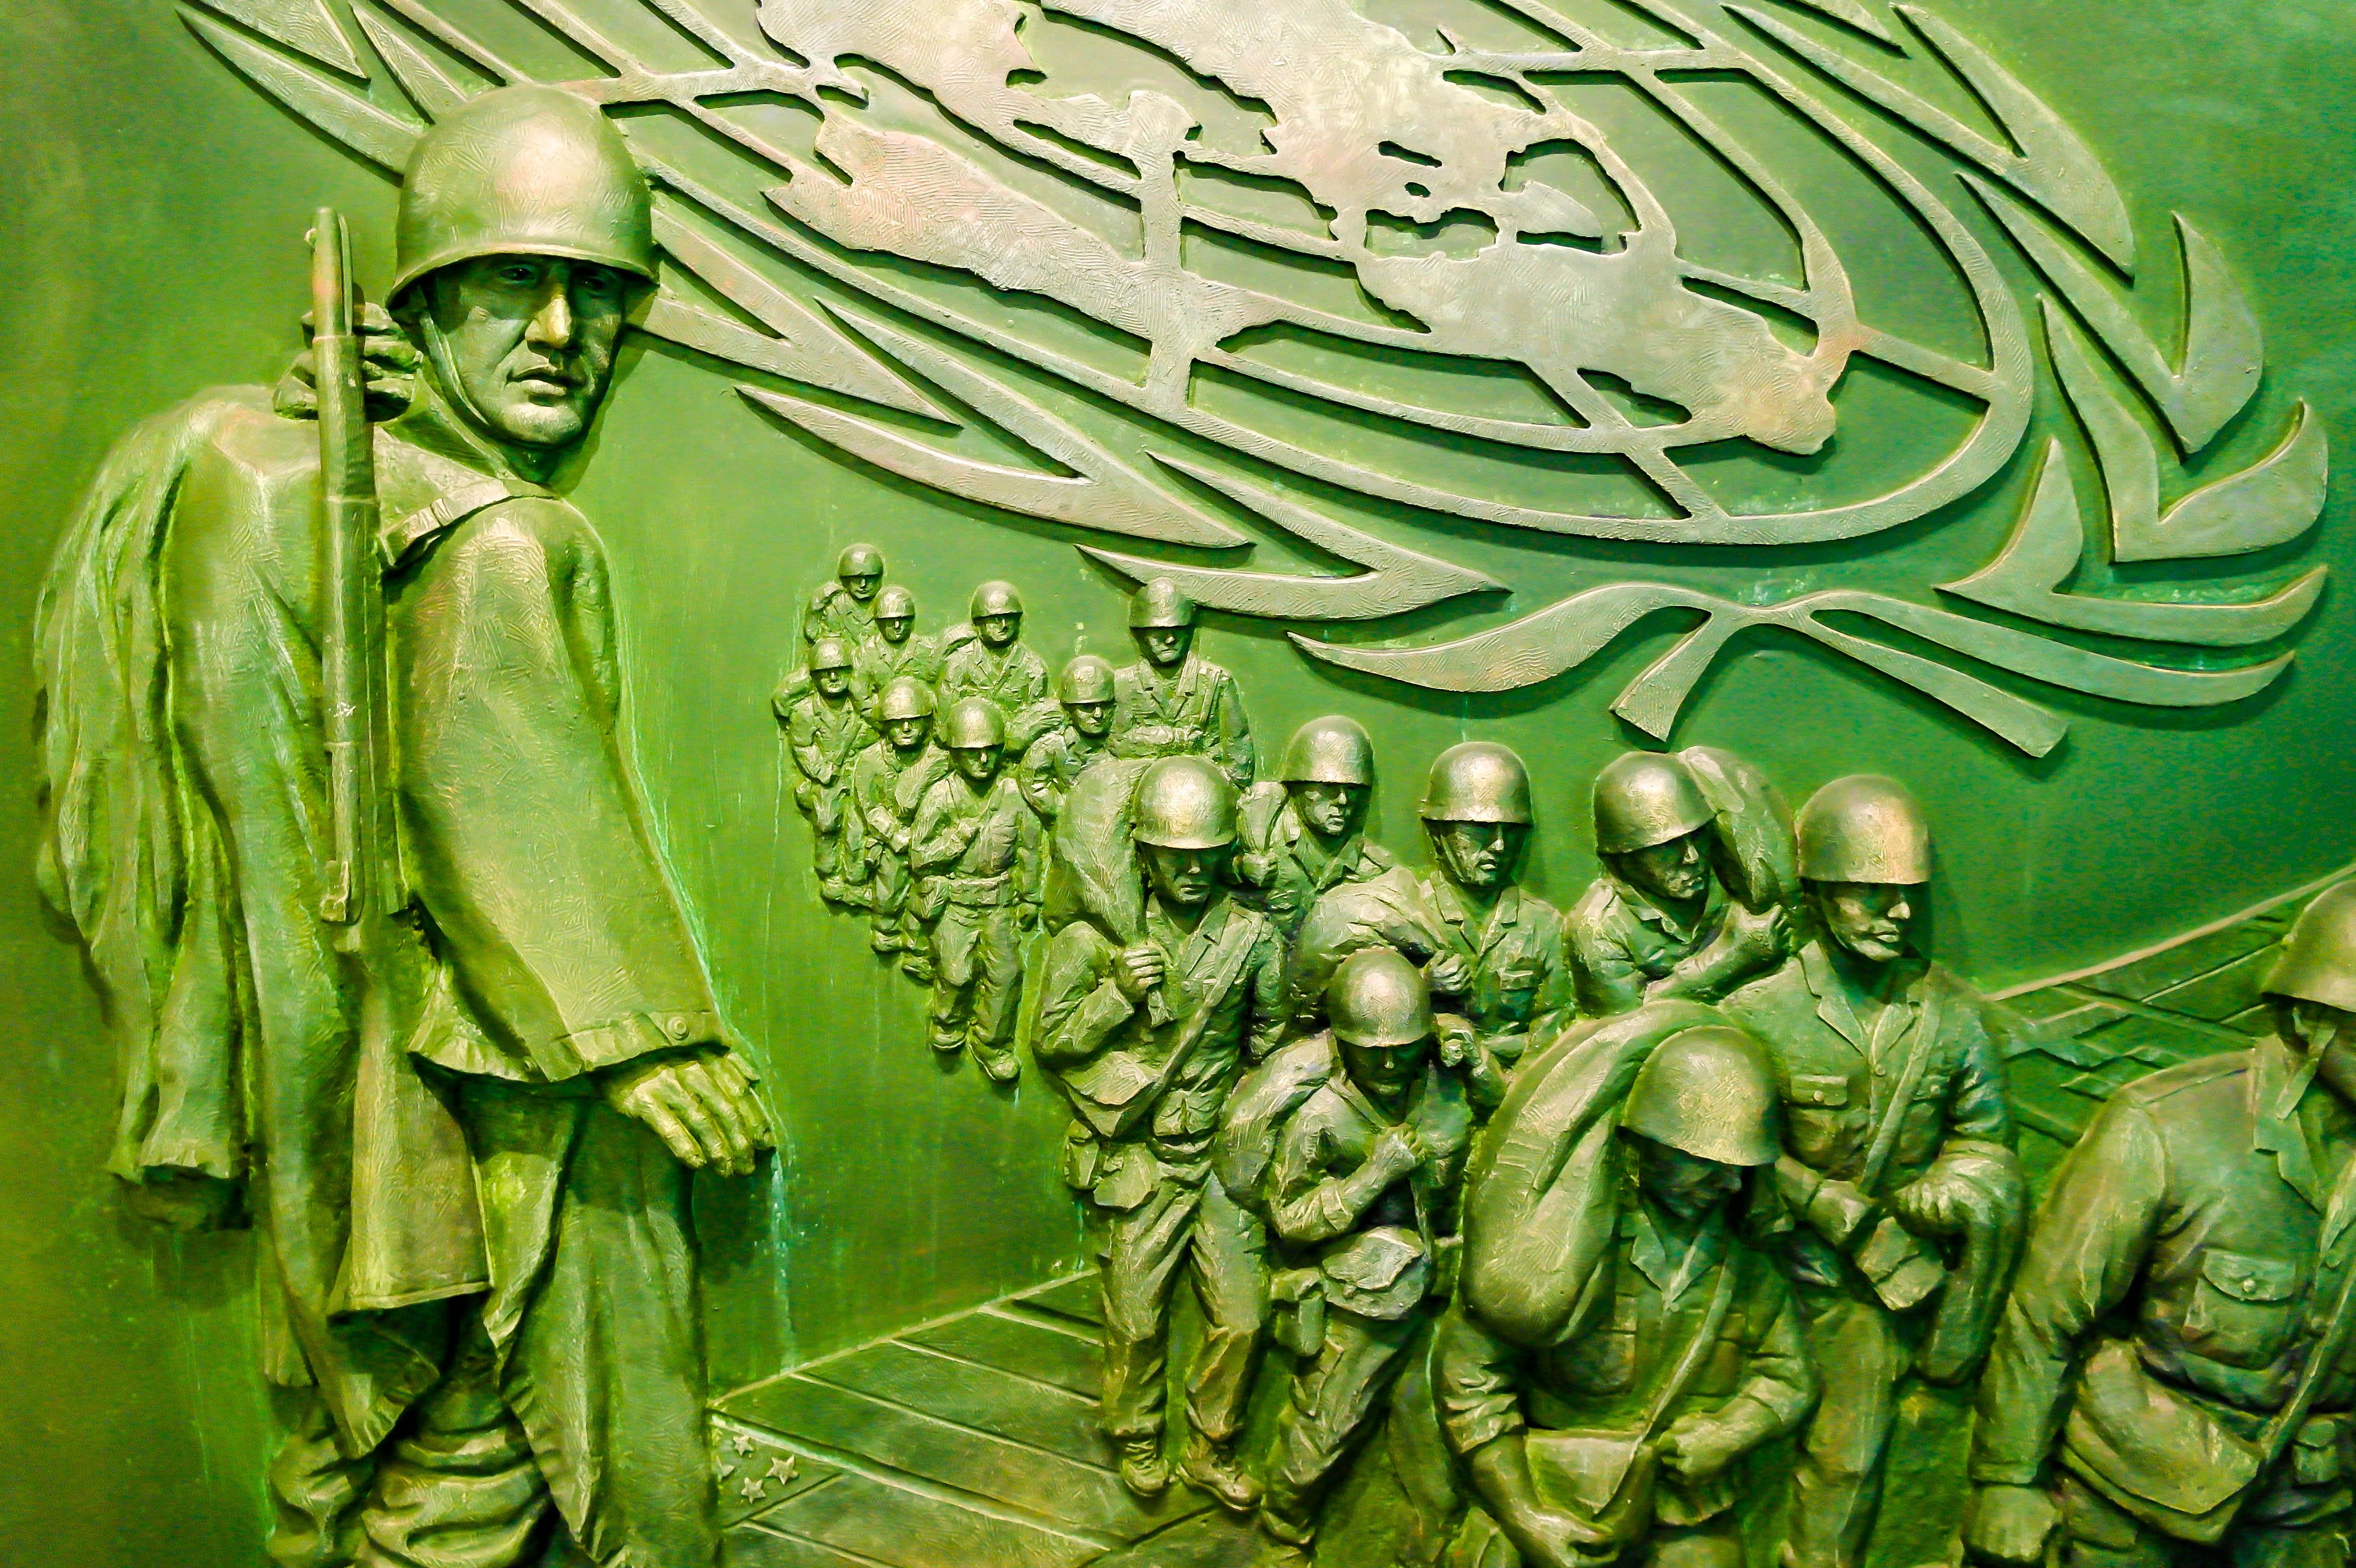 自由守護和平博物館(자유 수호 평화박물관)